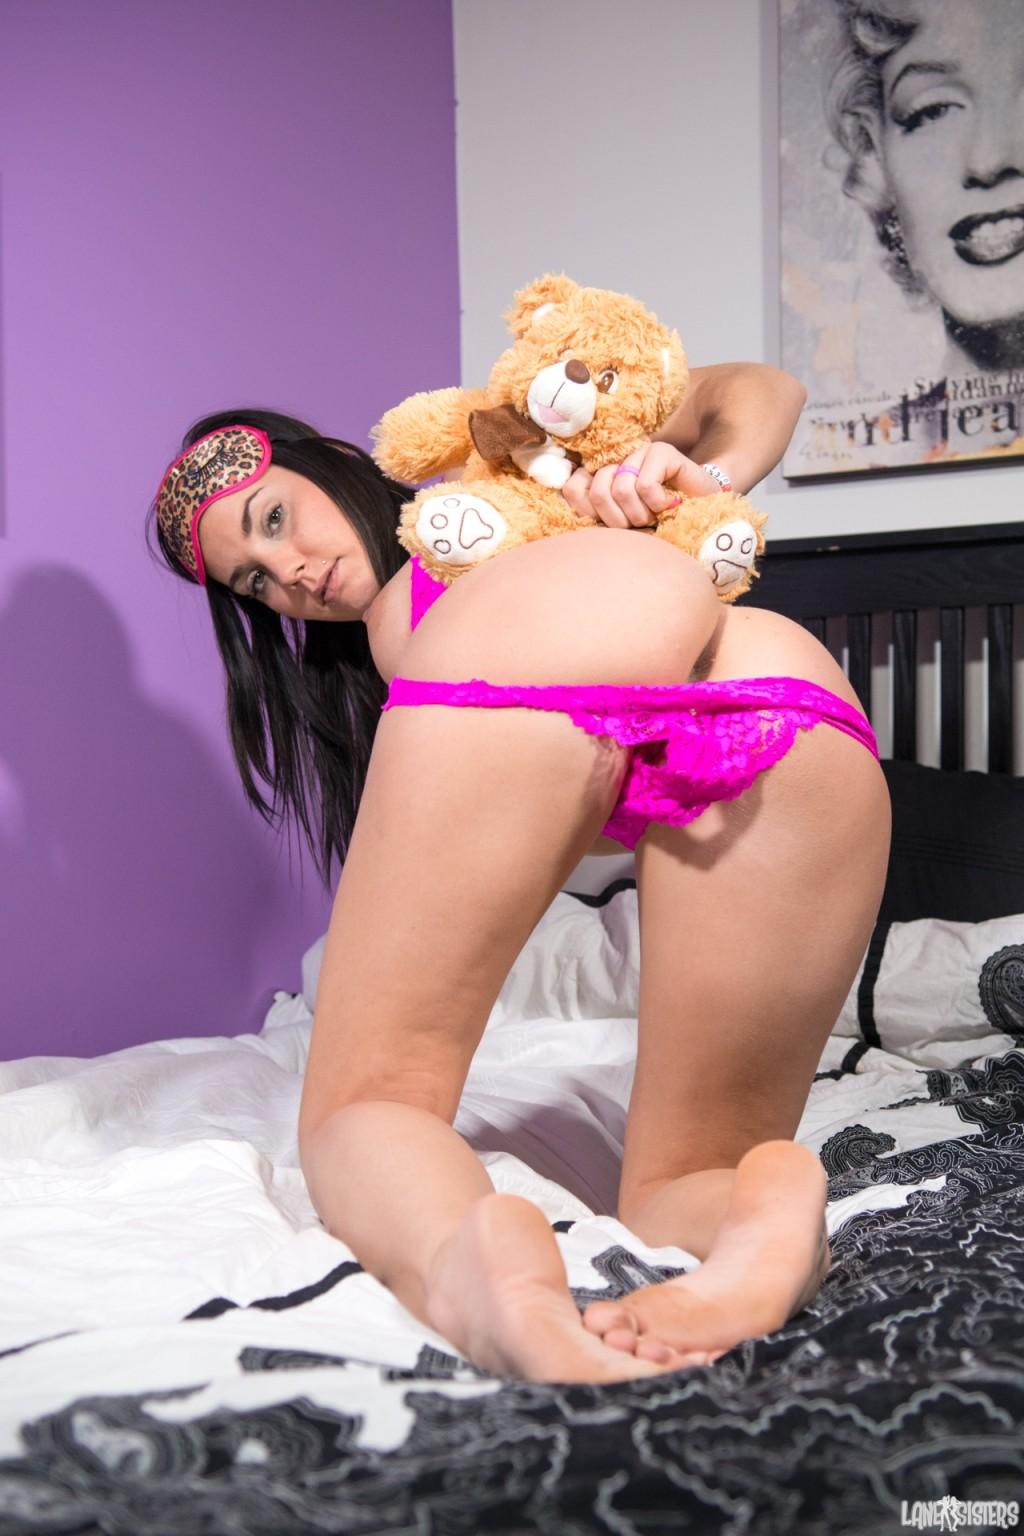 naked Butt Yvette Bova (51 pictures) Erotica, Facebook, swimsuit